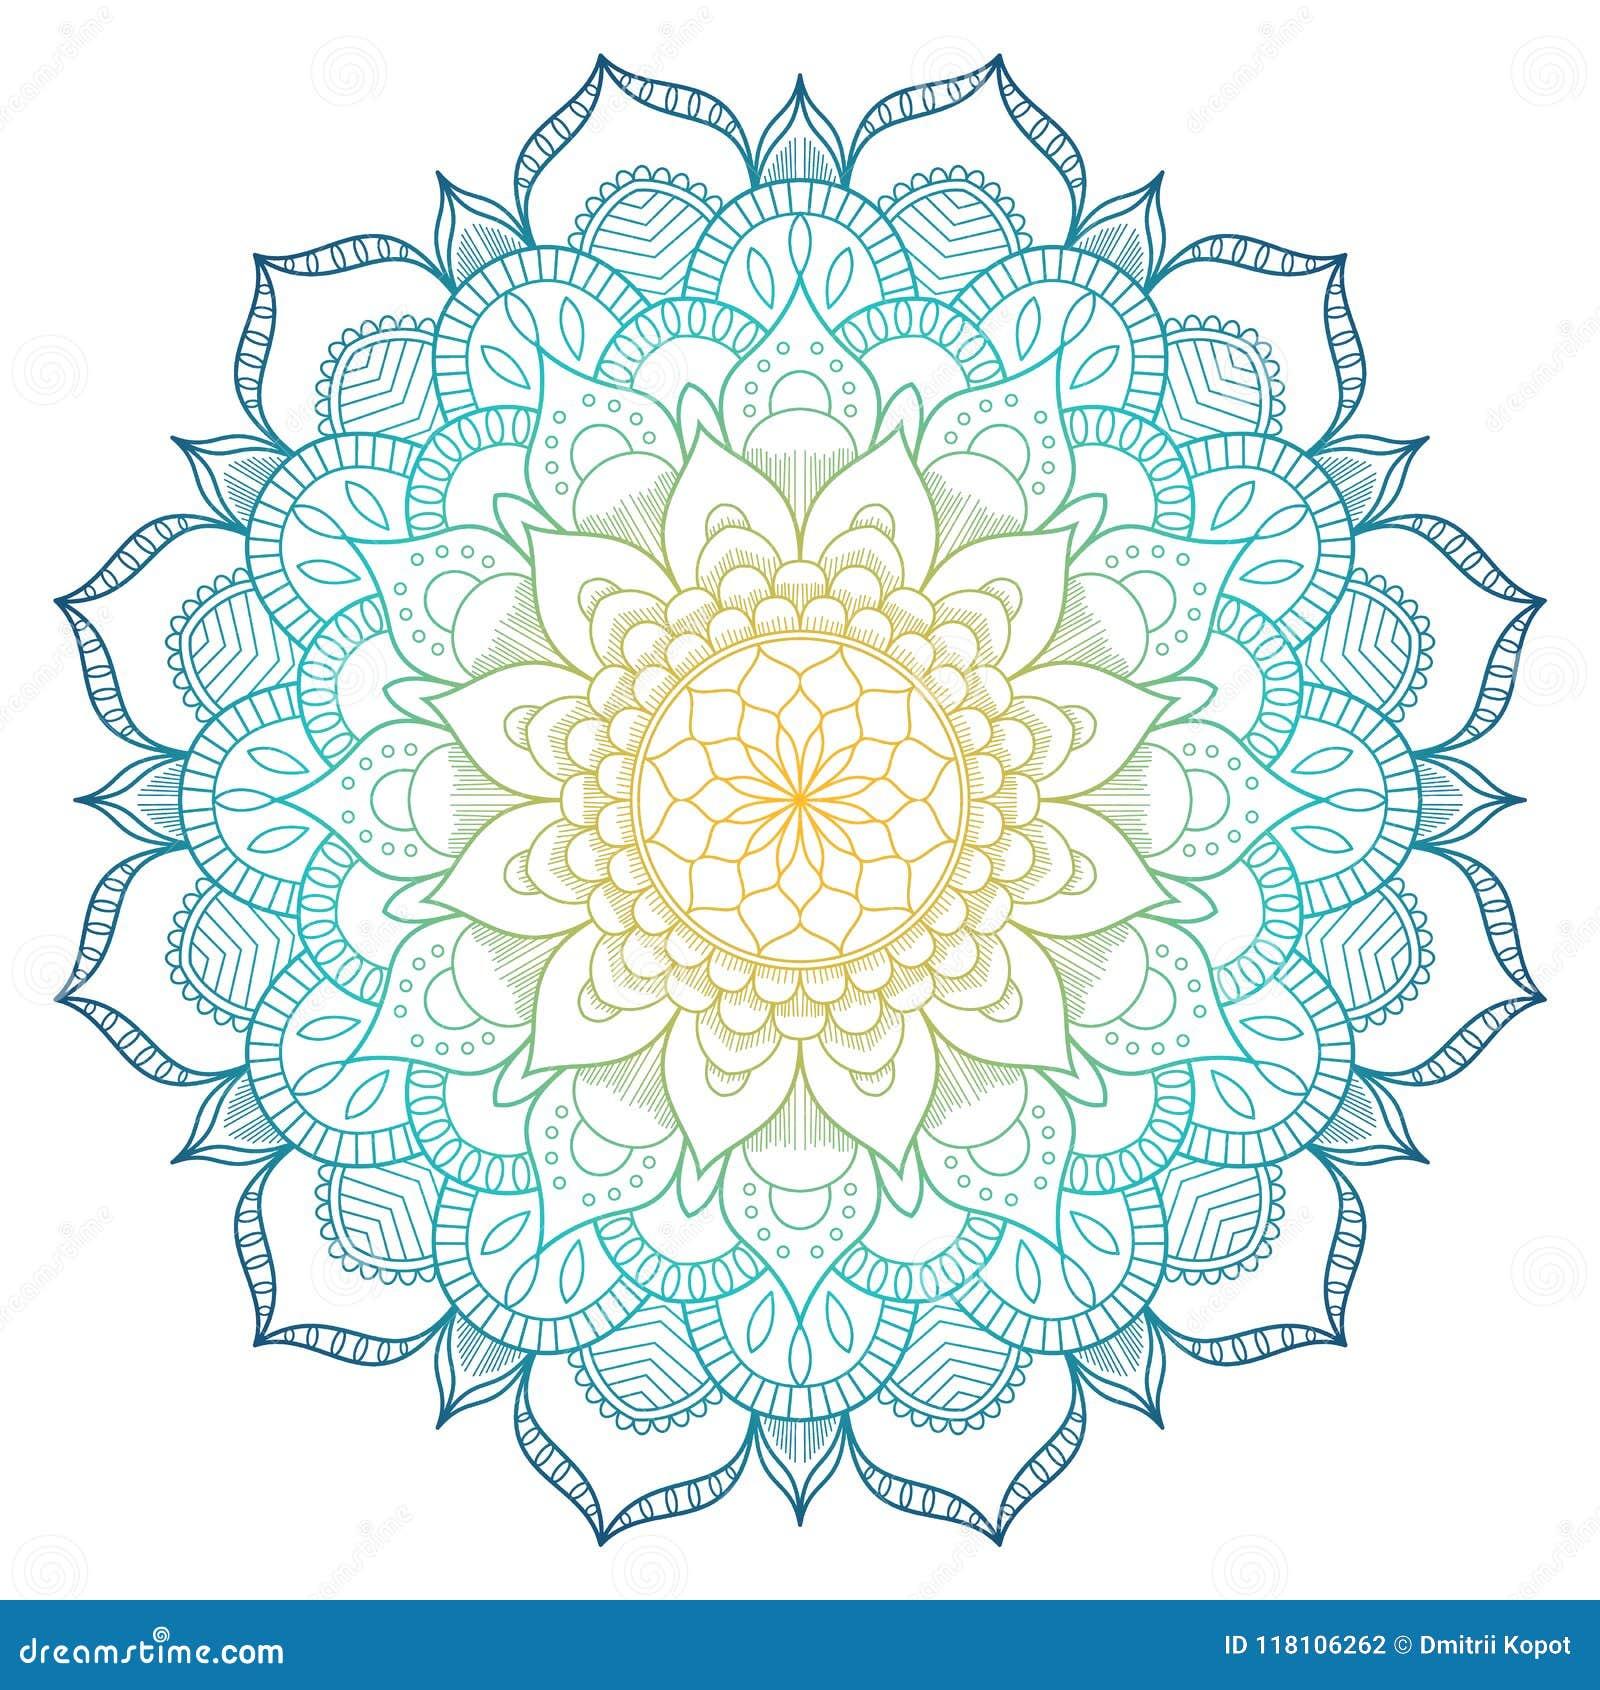 Mandalapatroon gekleurde achtergrond Vector illustratie Meditatieelement voor de yoga van India Ornament voor het verfraaien van